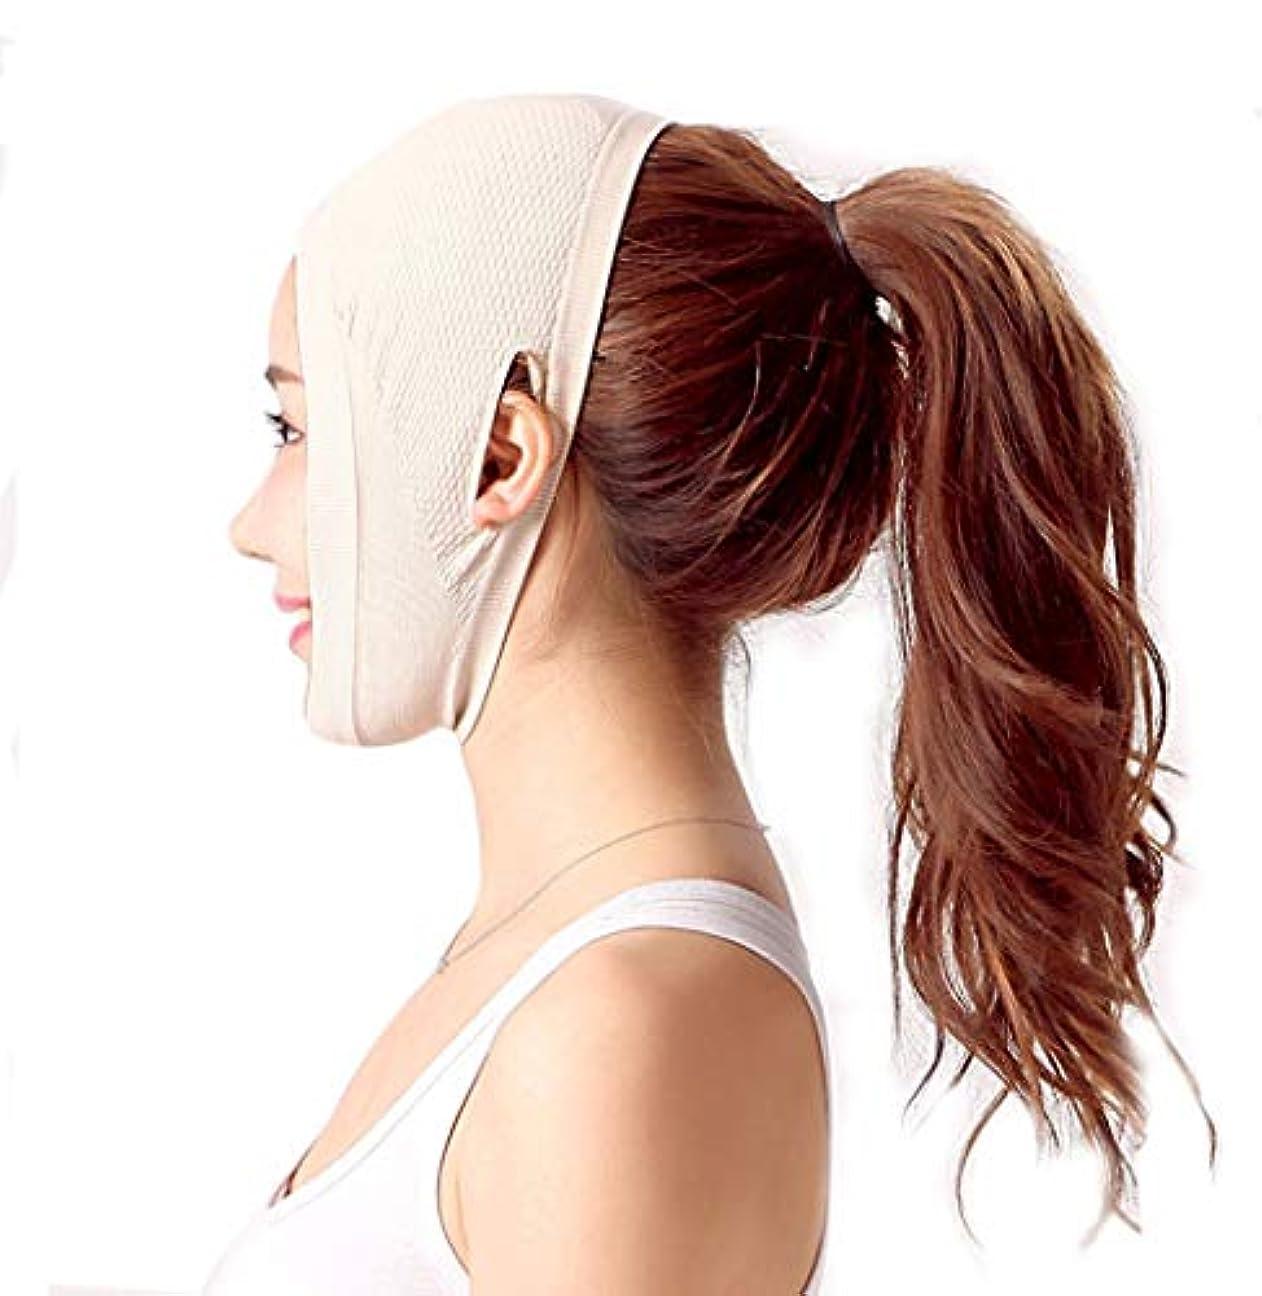 路面電車新しい意味整形外科病院ライン彫刻術後回復ヘッドギア医療睡眠V顔リフティング包帯薄いフェイスマスク (Size : Skin tone(A))